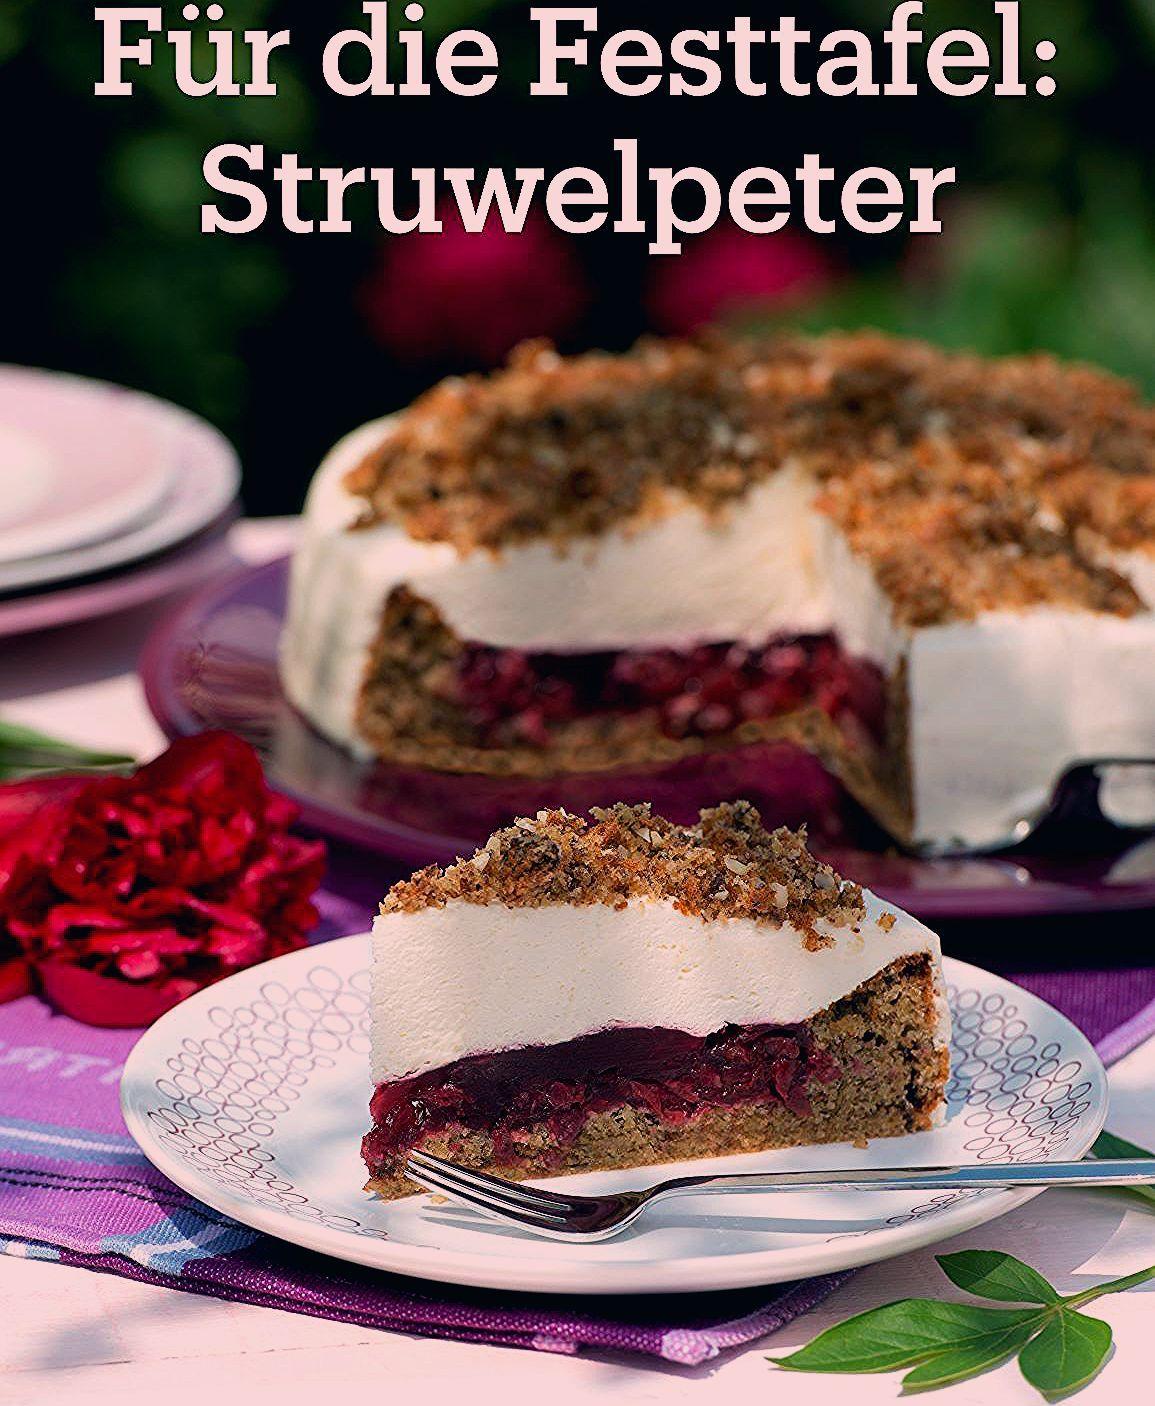 Photo of Struwwelpeter alias Kirsch-Sahne-Torte